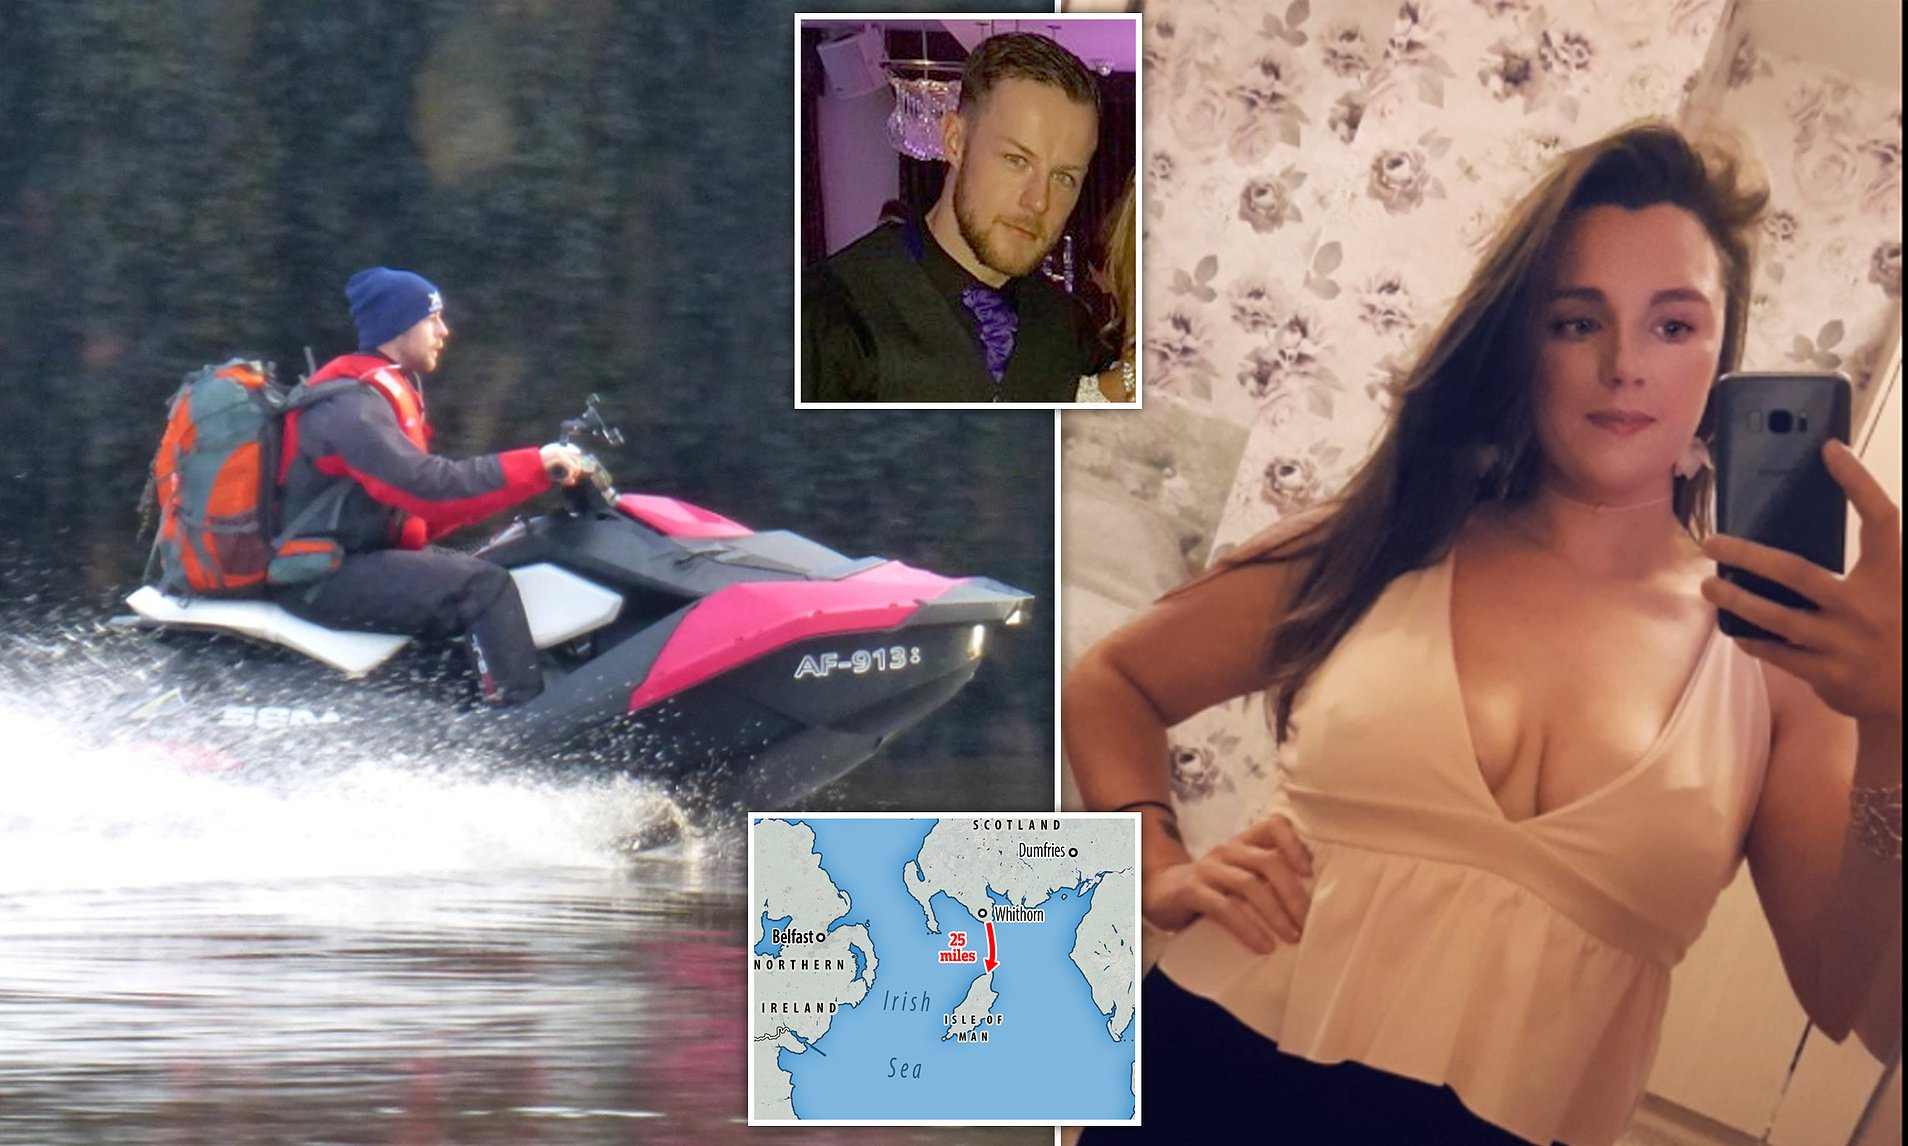 Escocês é preso após furar a quarentena ao visitar a namorada usando seu jet ski